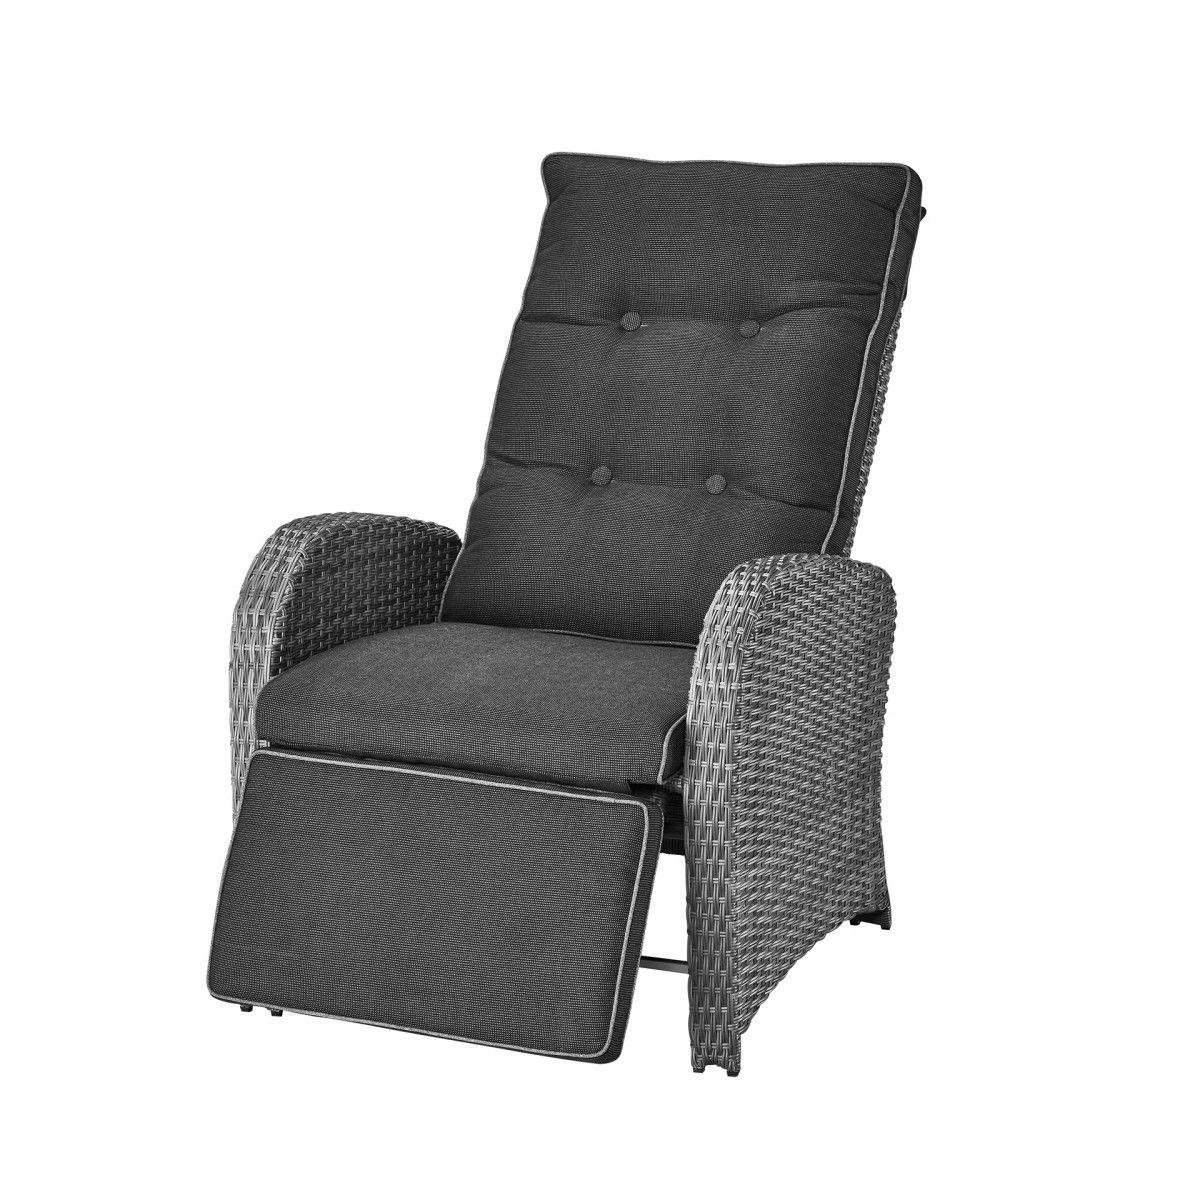 Luxus Komfortsessel Colombo Grau Mit Sitzkissen Armlehnen Bettenlager Sitzkissen